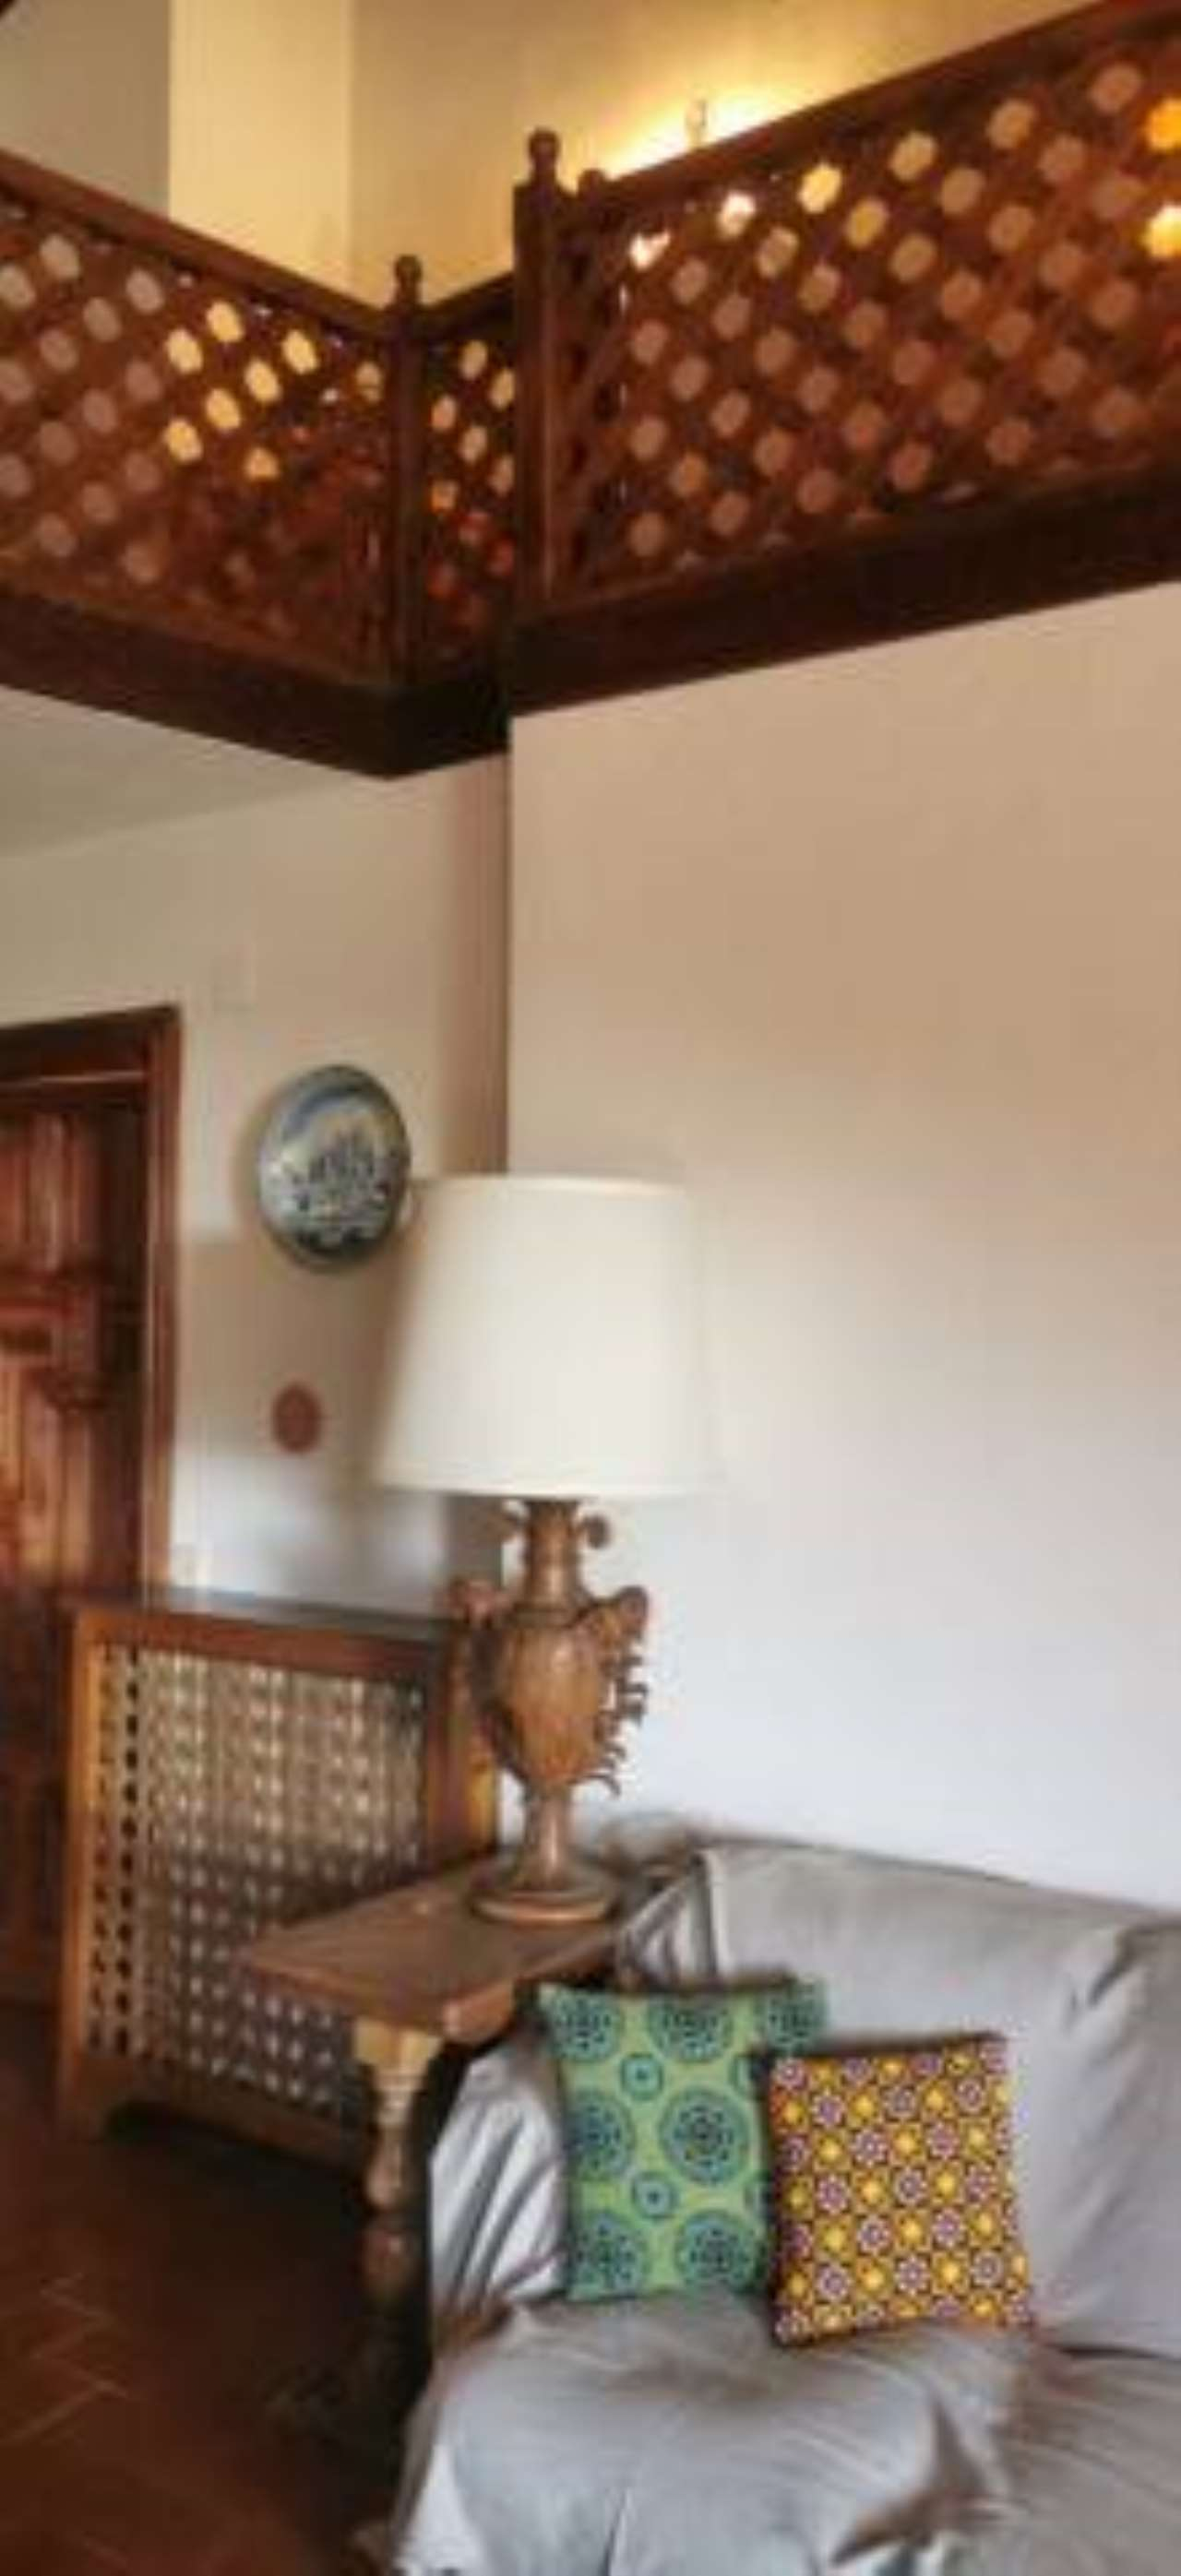 Appartamento in vendita a Roccaraso, 6 locali, prezzo € 600.000 | CambioCasa.it